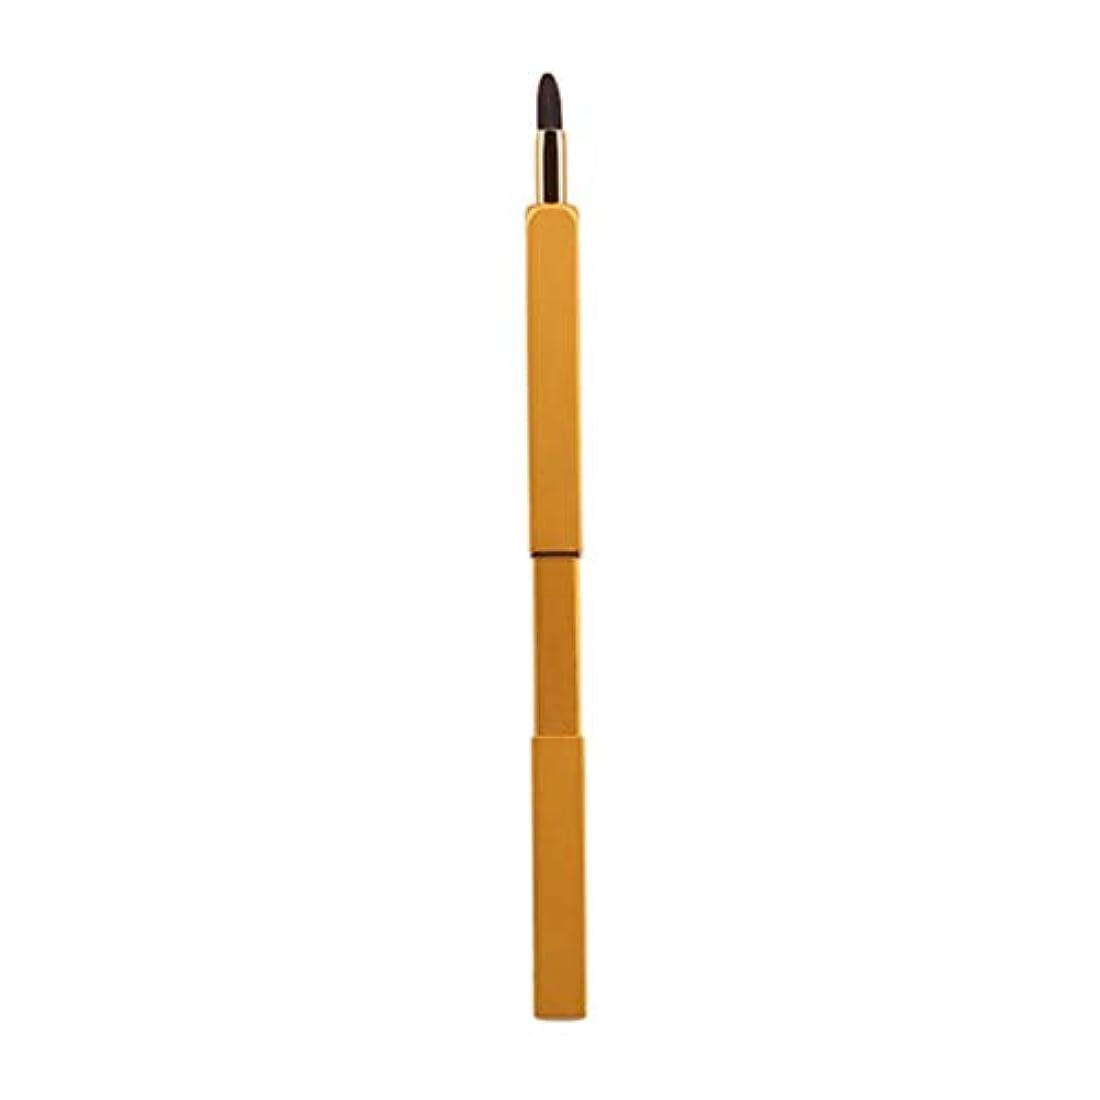 近似クロニクル滅びるLurrose 引き込み式のリップブラシの柔らかいナイロン繊維の口紅の金属の管が付いている携帯用構造のブラシ(黄色)